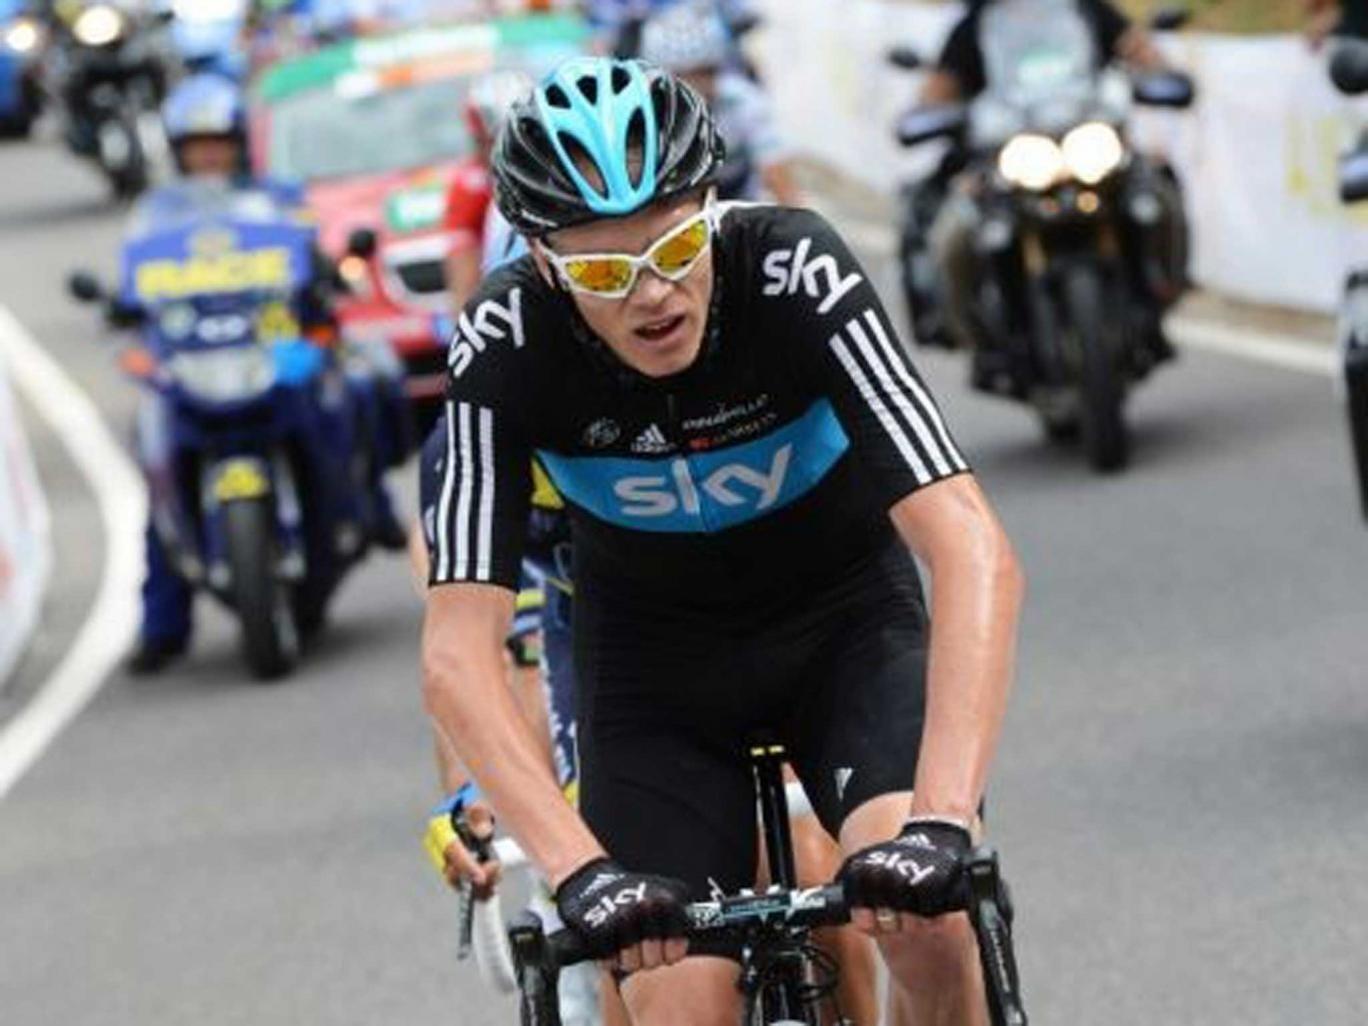 Chris Froome won last year's Tour de France